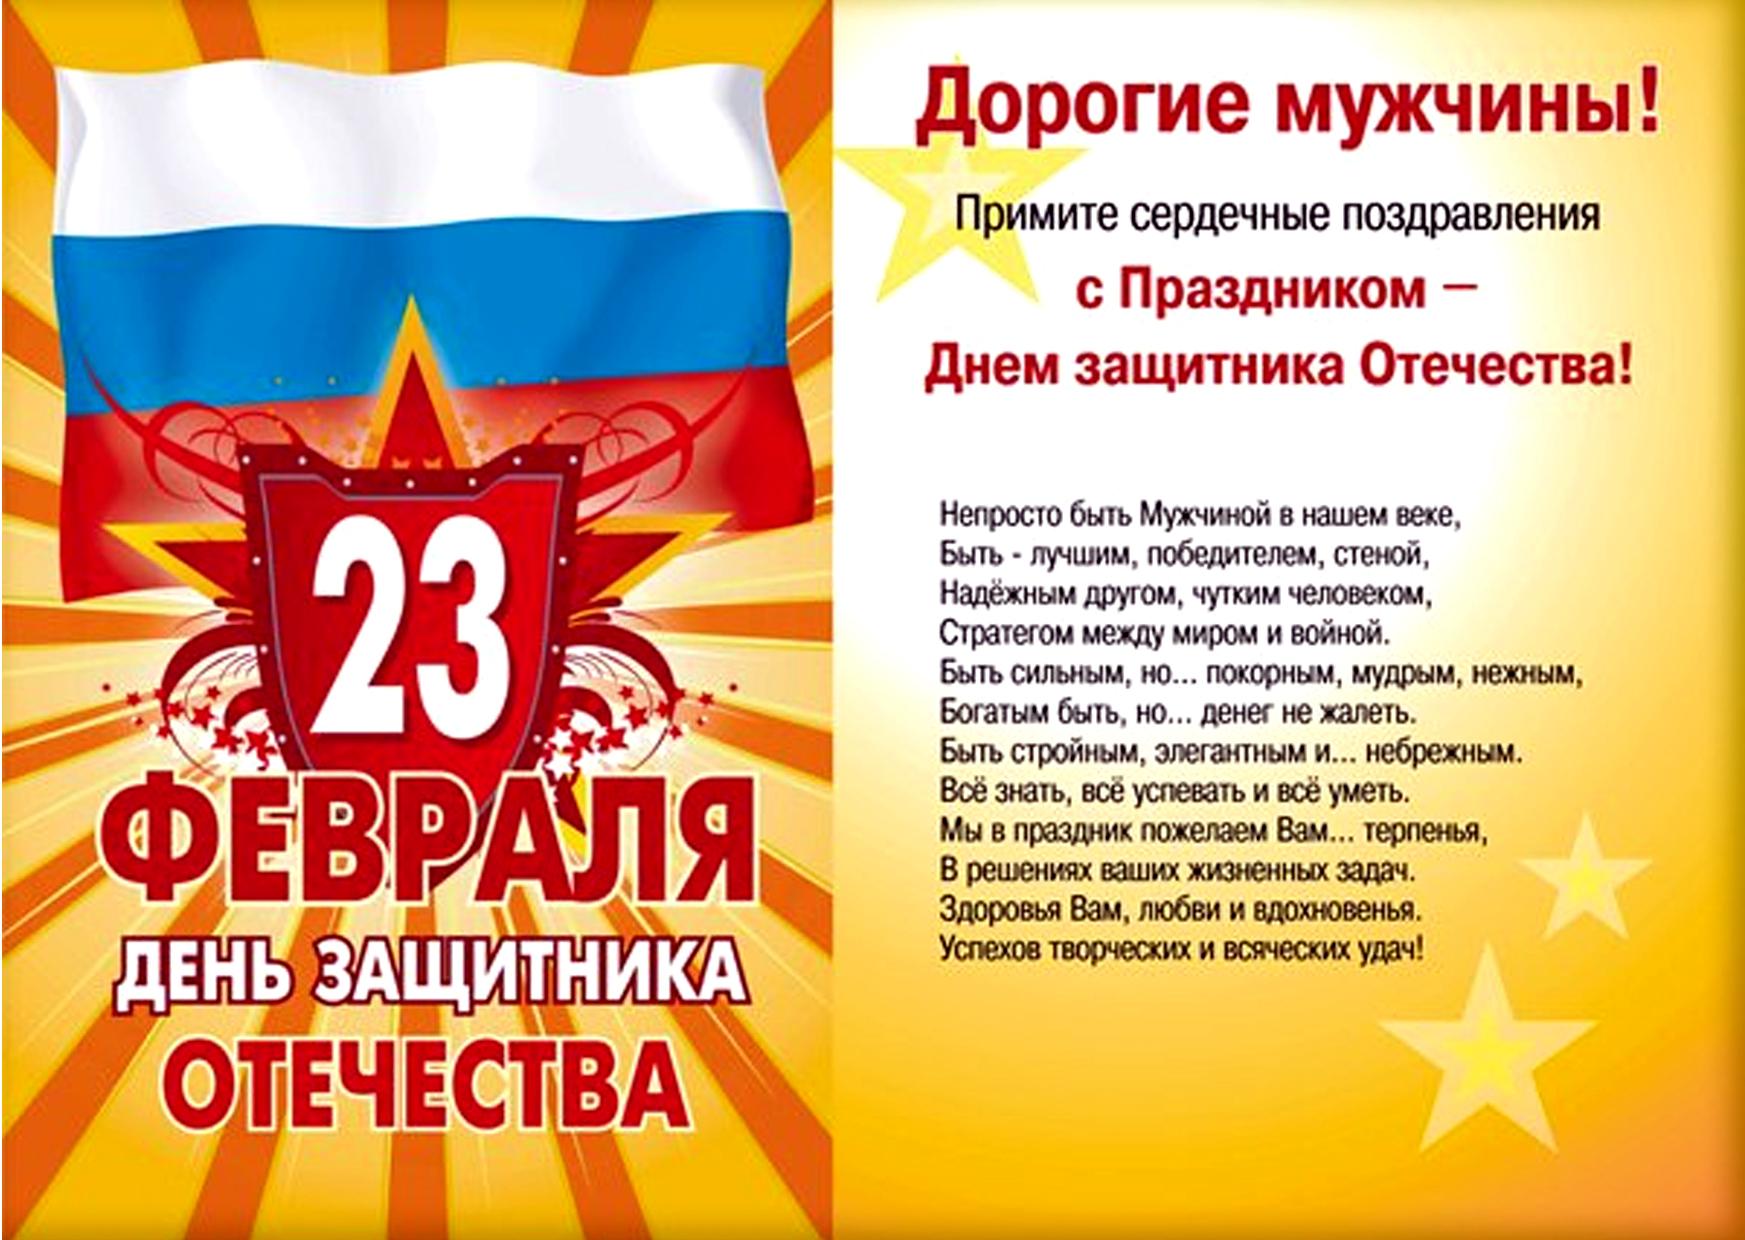 http://voi-voi-04.ucoz.ru/otkrytka_23_fevralja.jpg